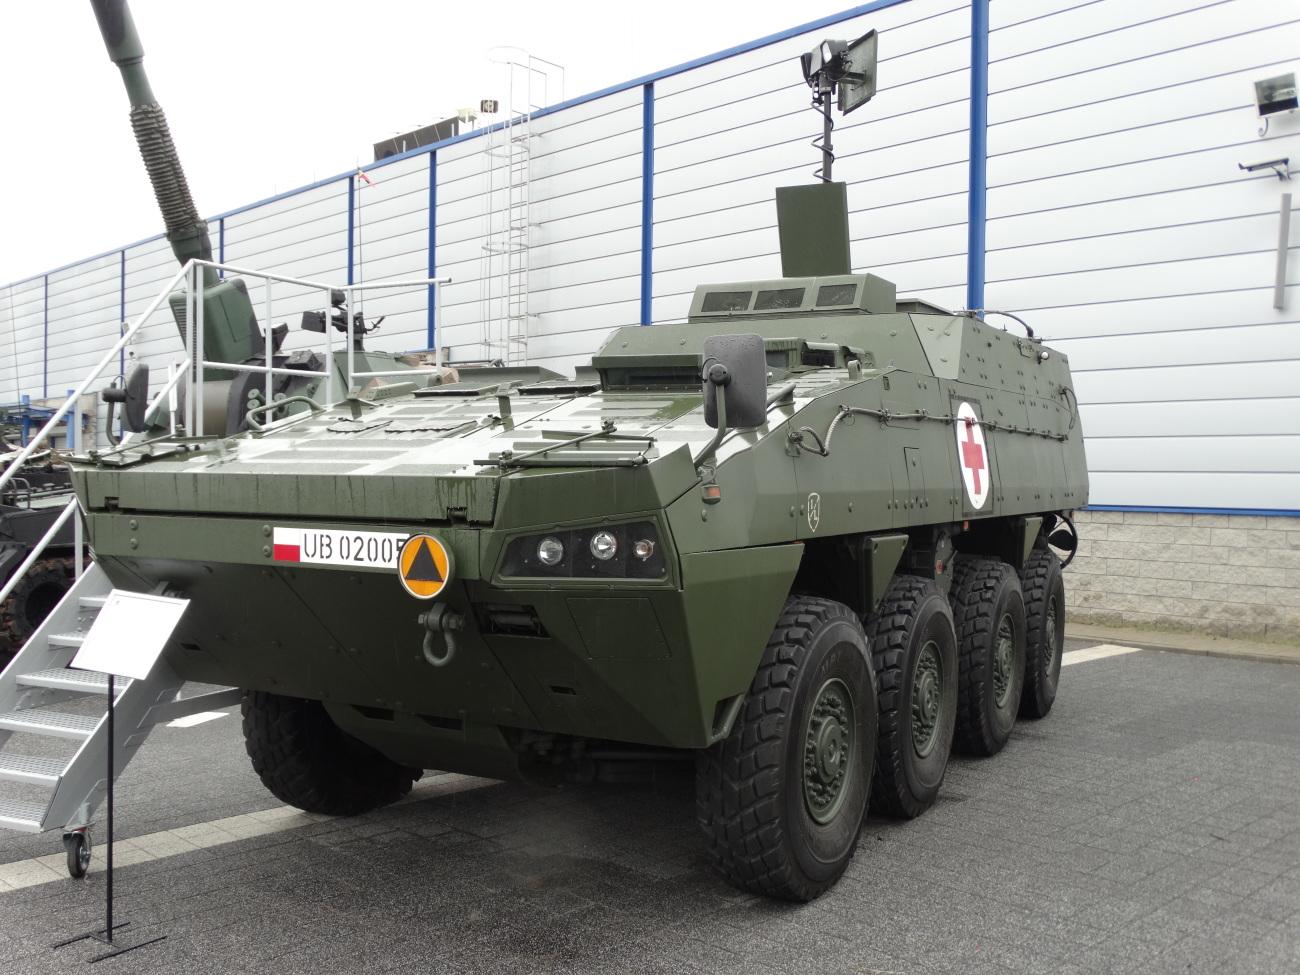 Rosomak, Kryl i polskie niszczyciele czołgów | Konflikty.pl